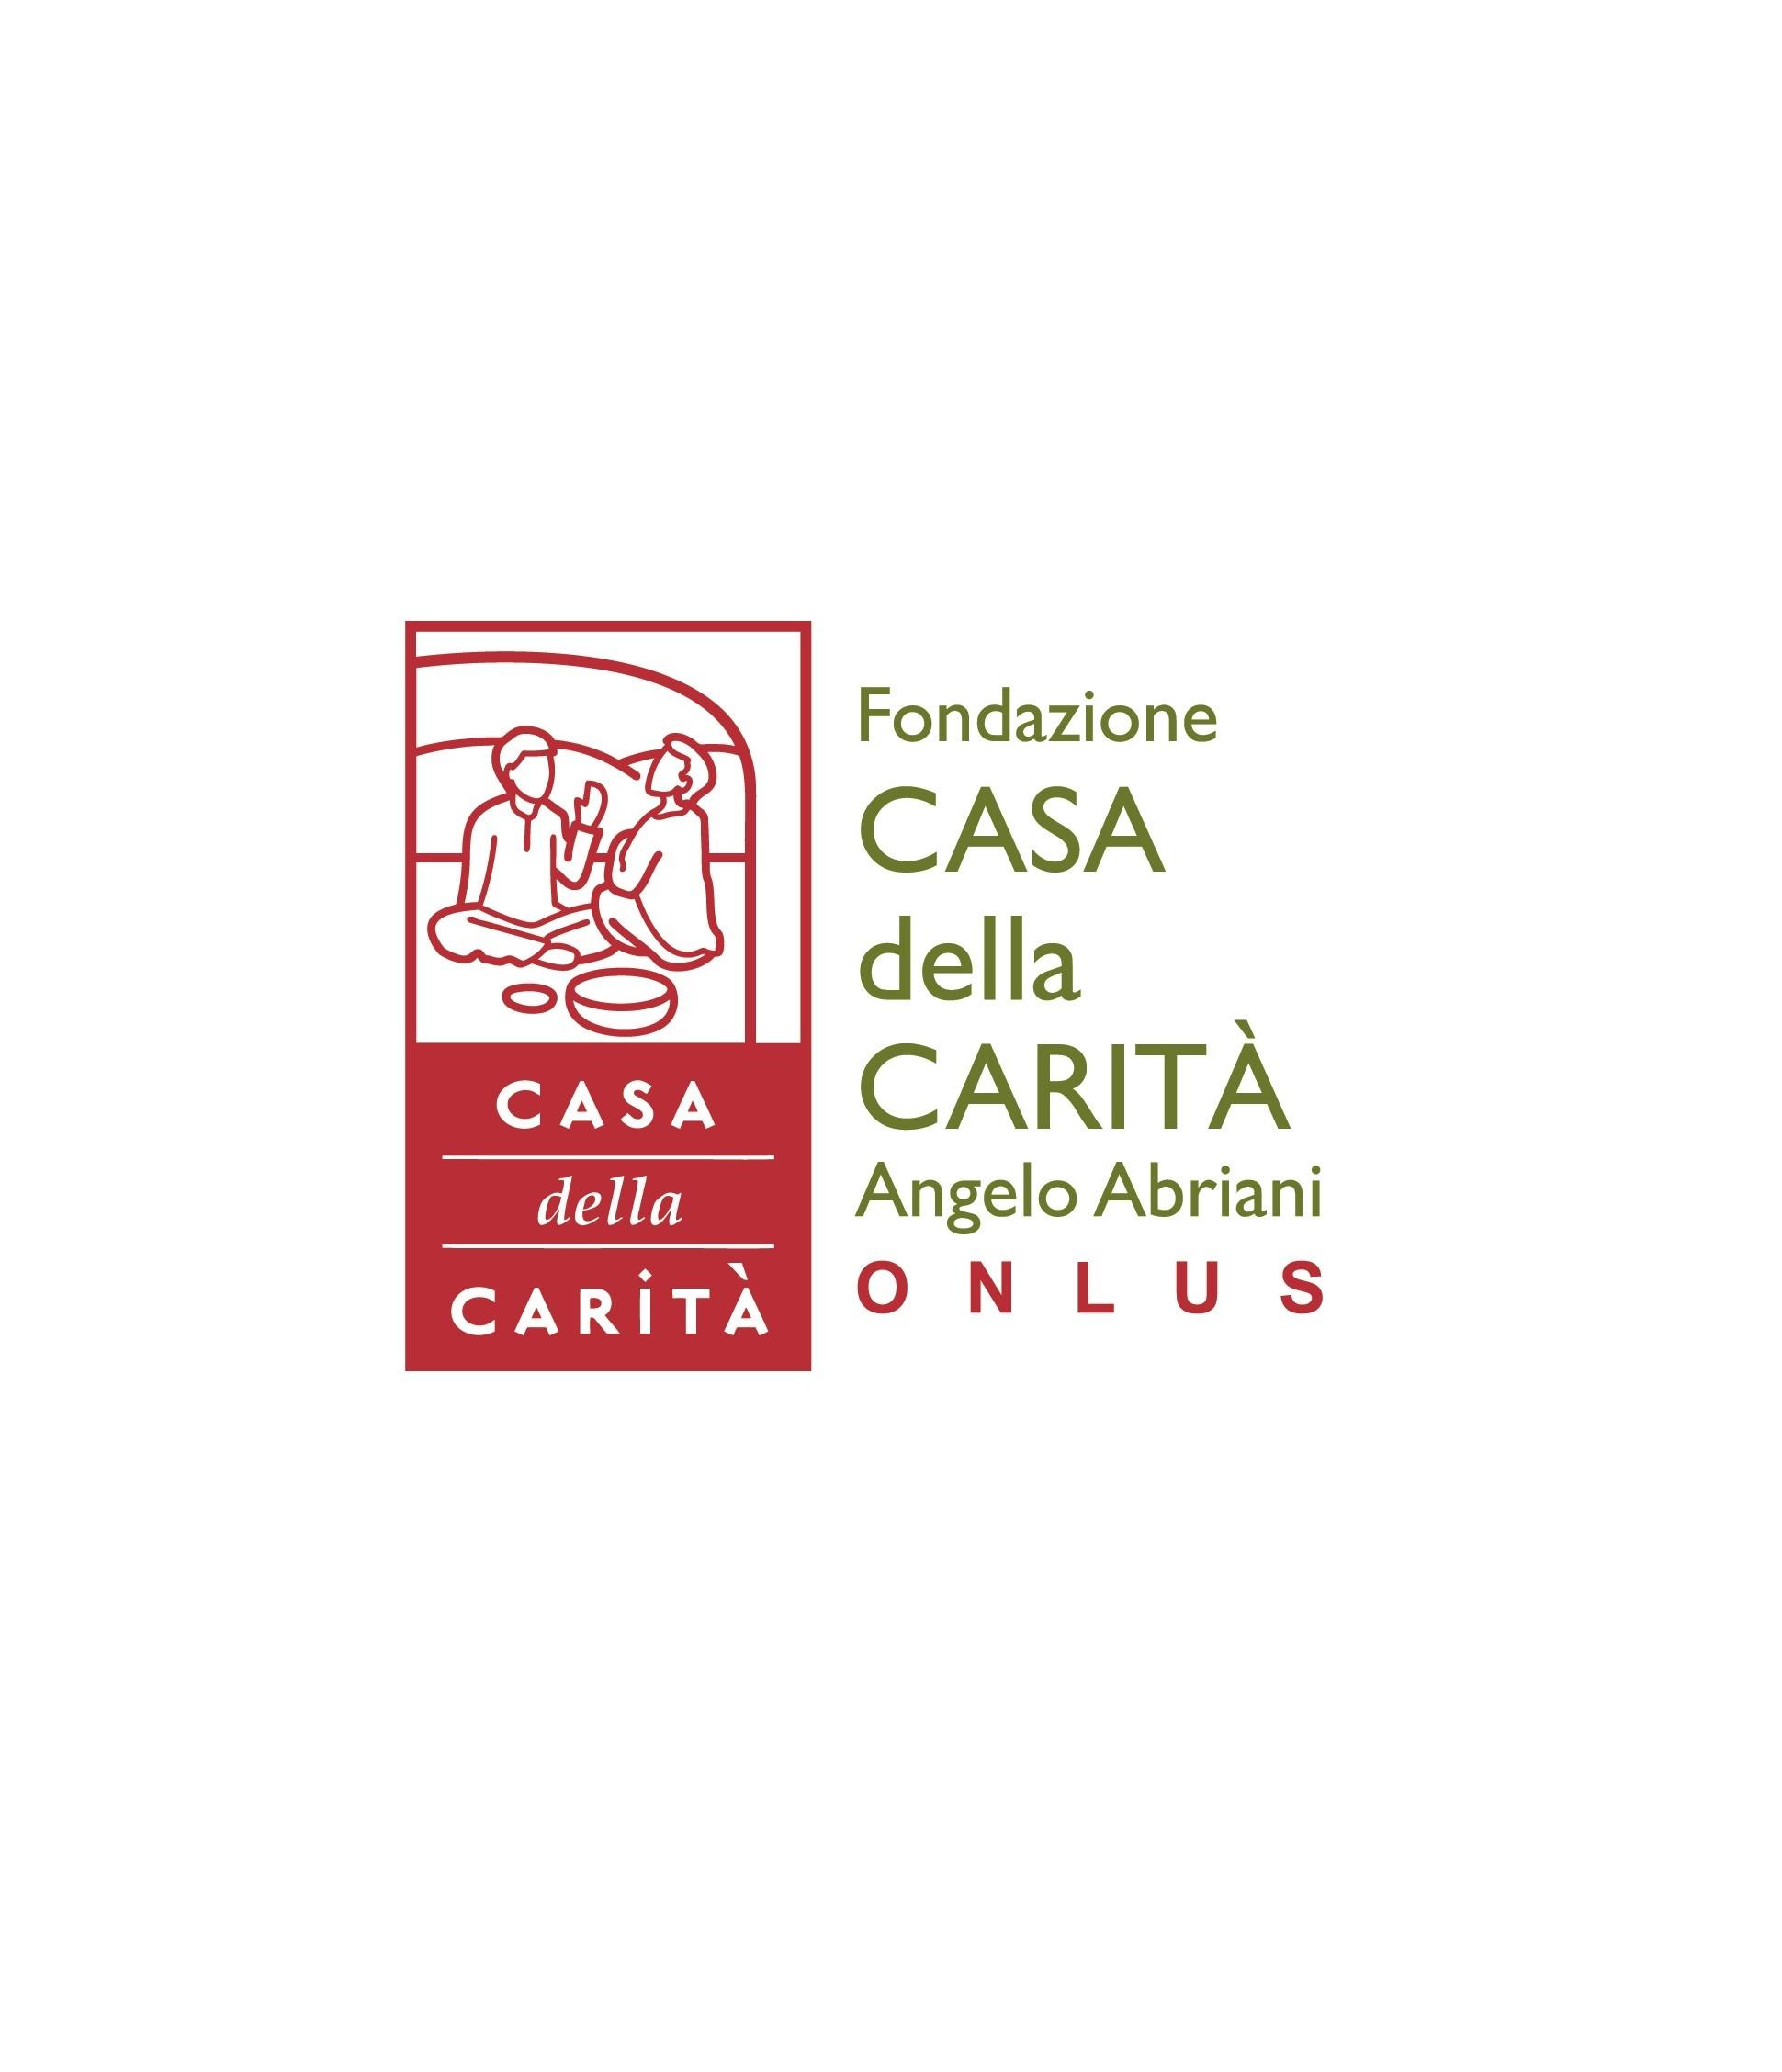 Fondazione Casa della Carità Angelo Abriani Onlus